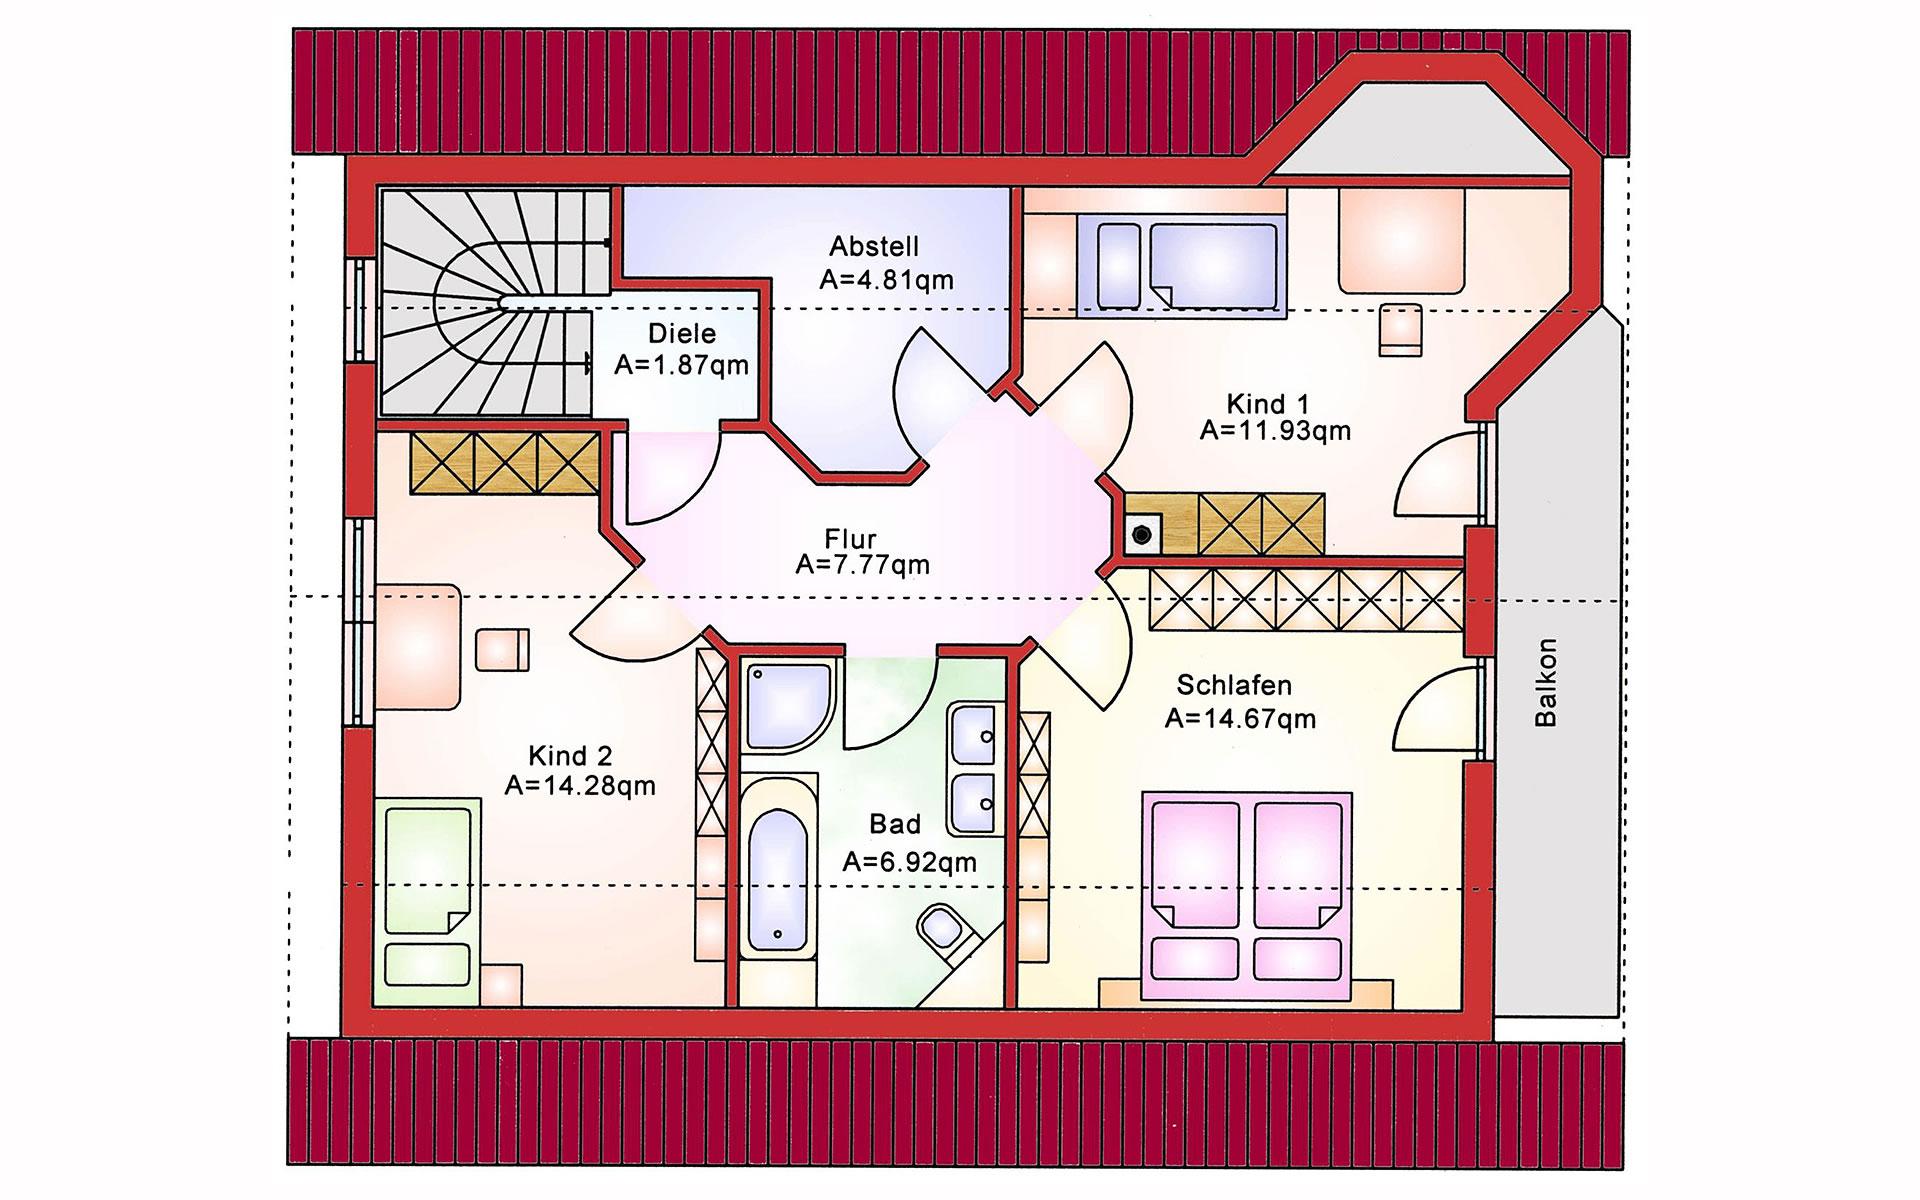 Einfamilienhaus BS 134 von B&S Selbstbausysteme GmbH & Co. KG